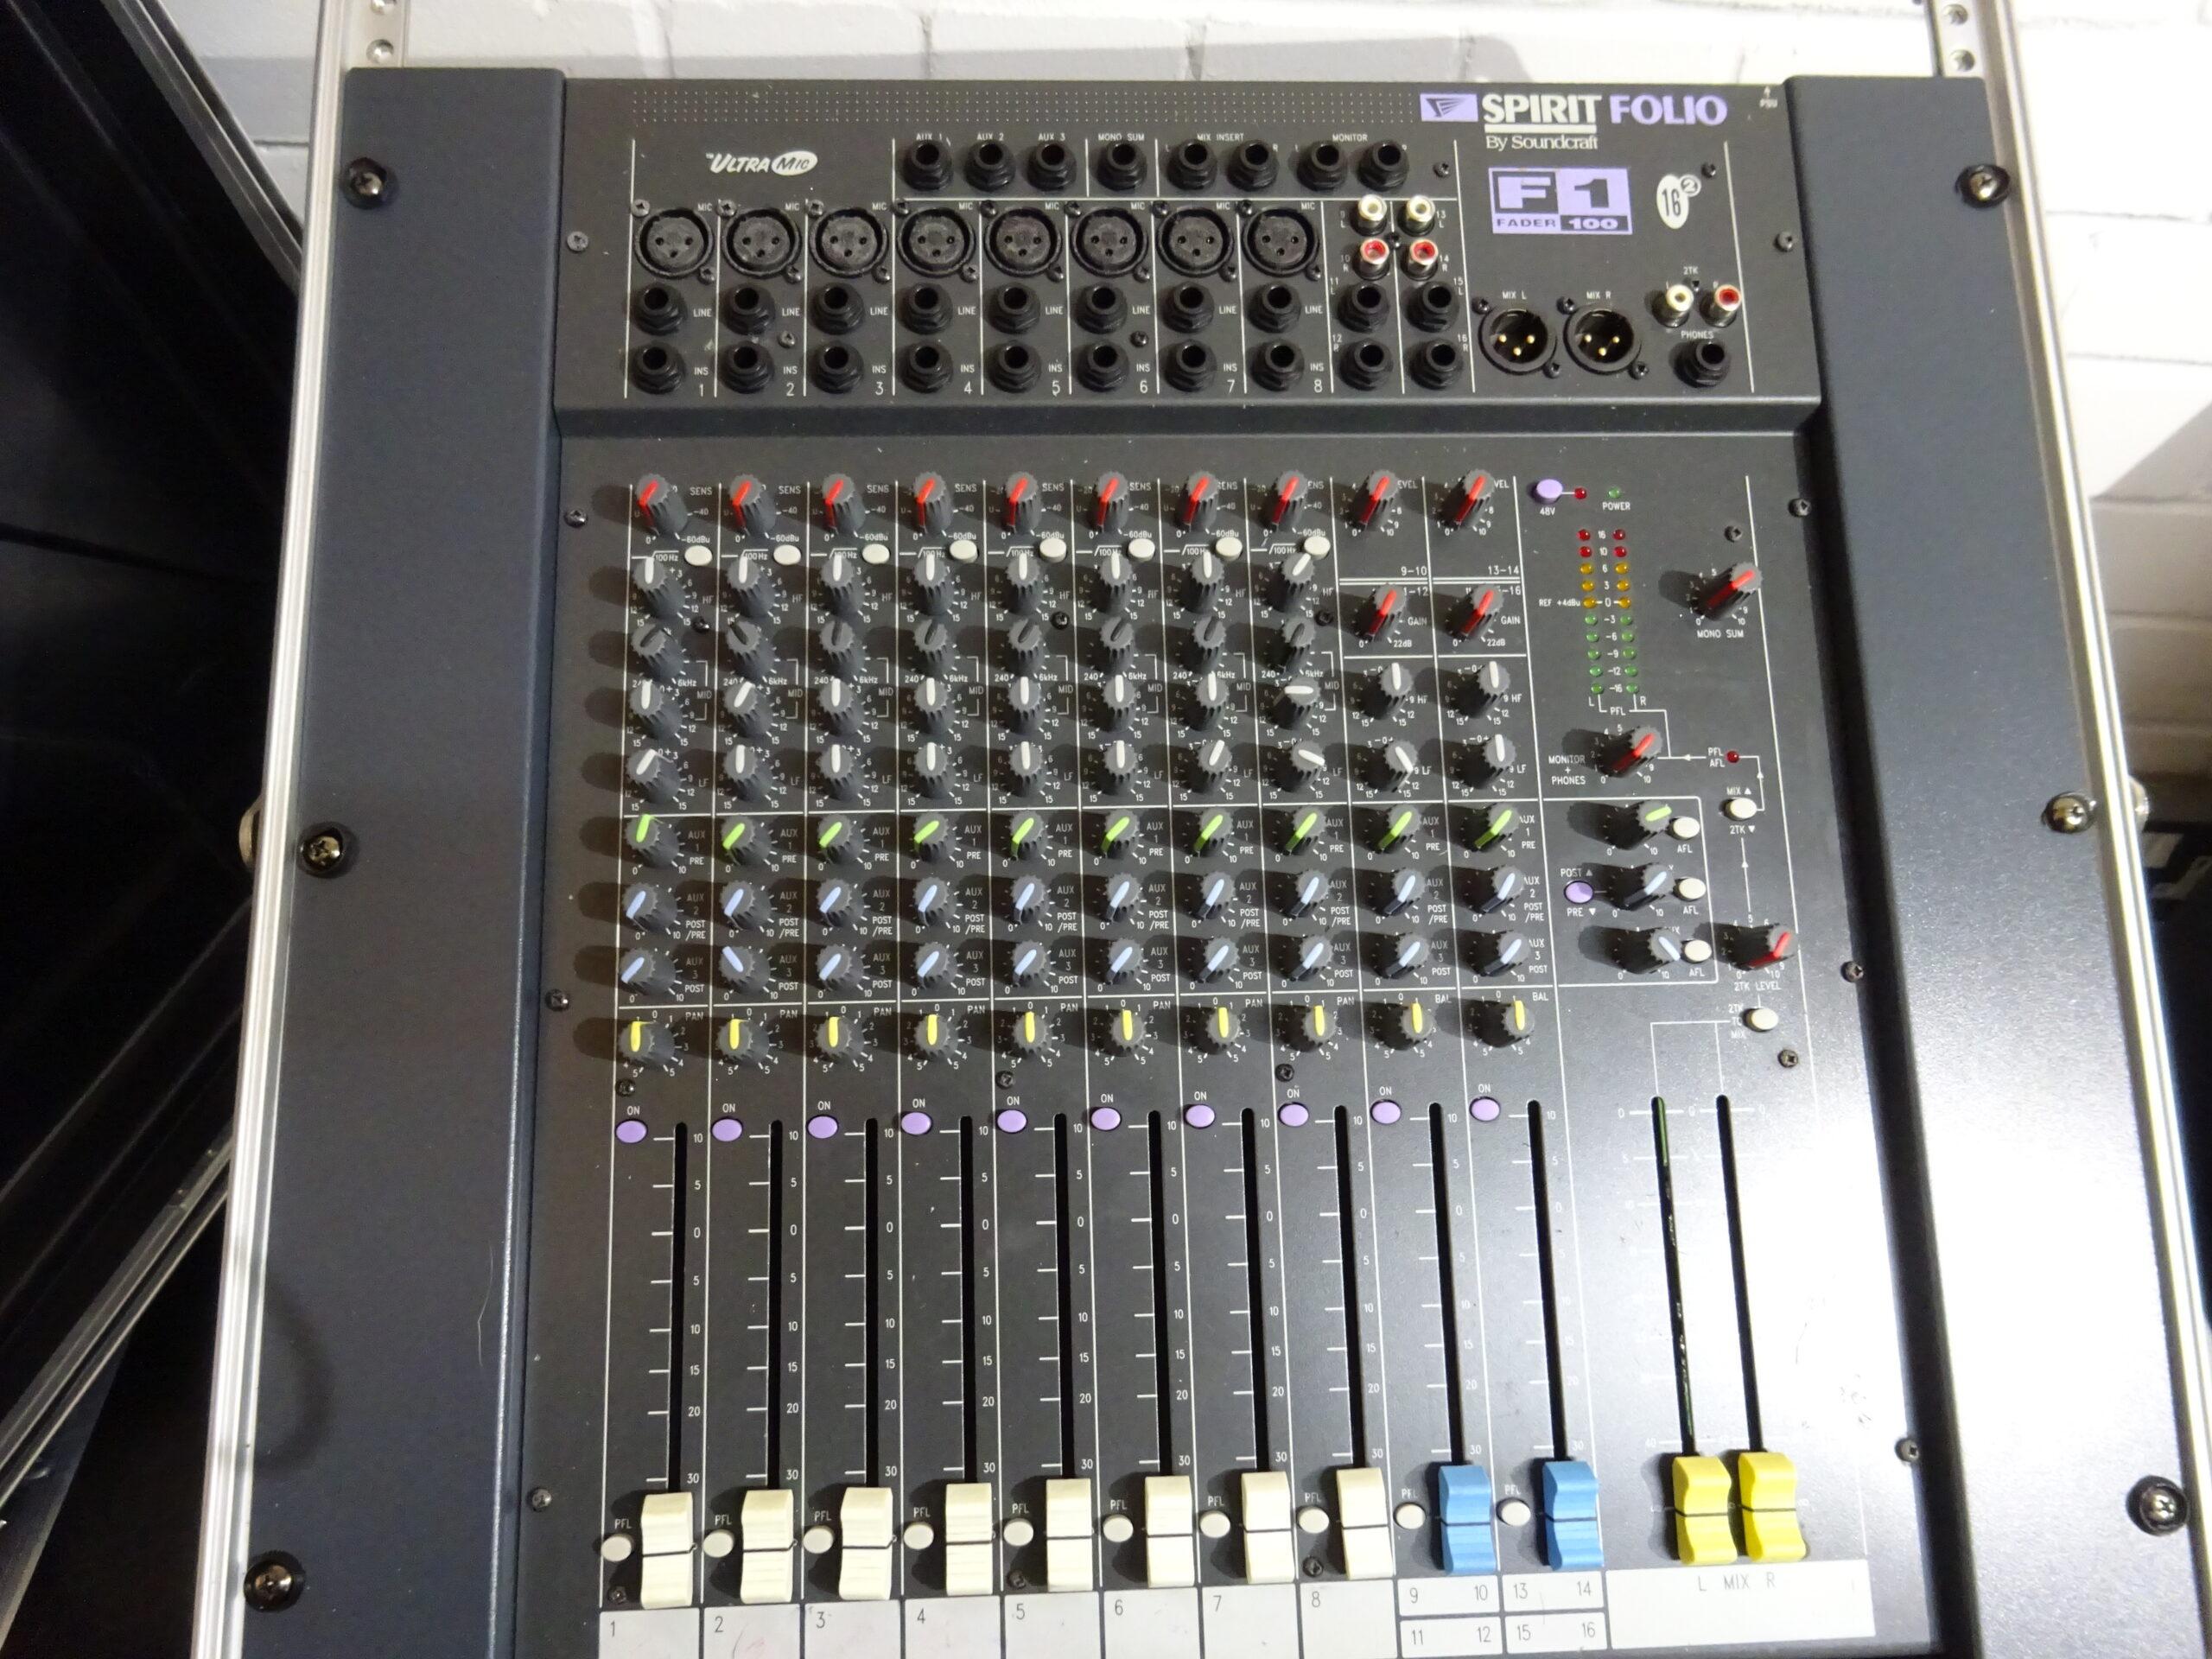 Desks/Mixers